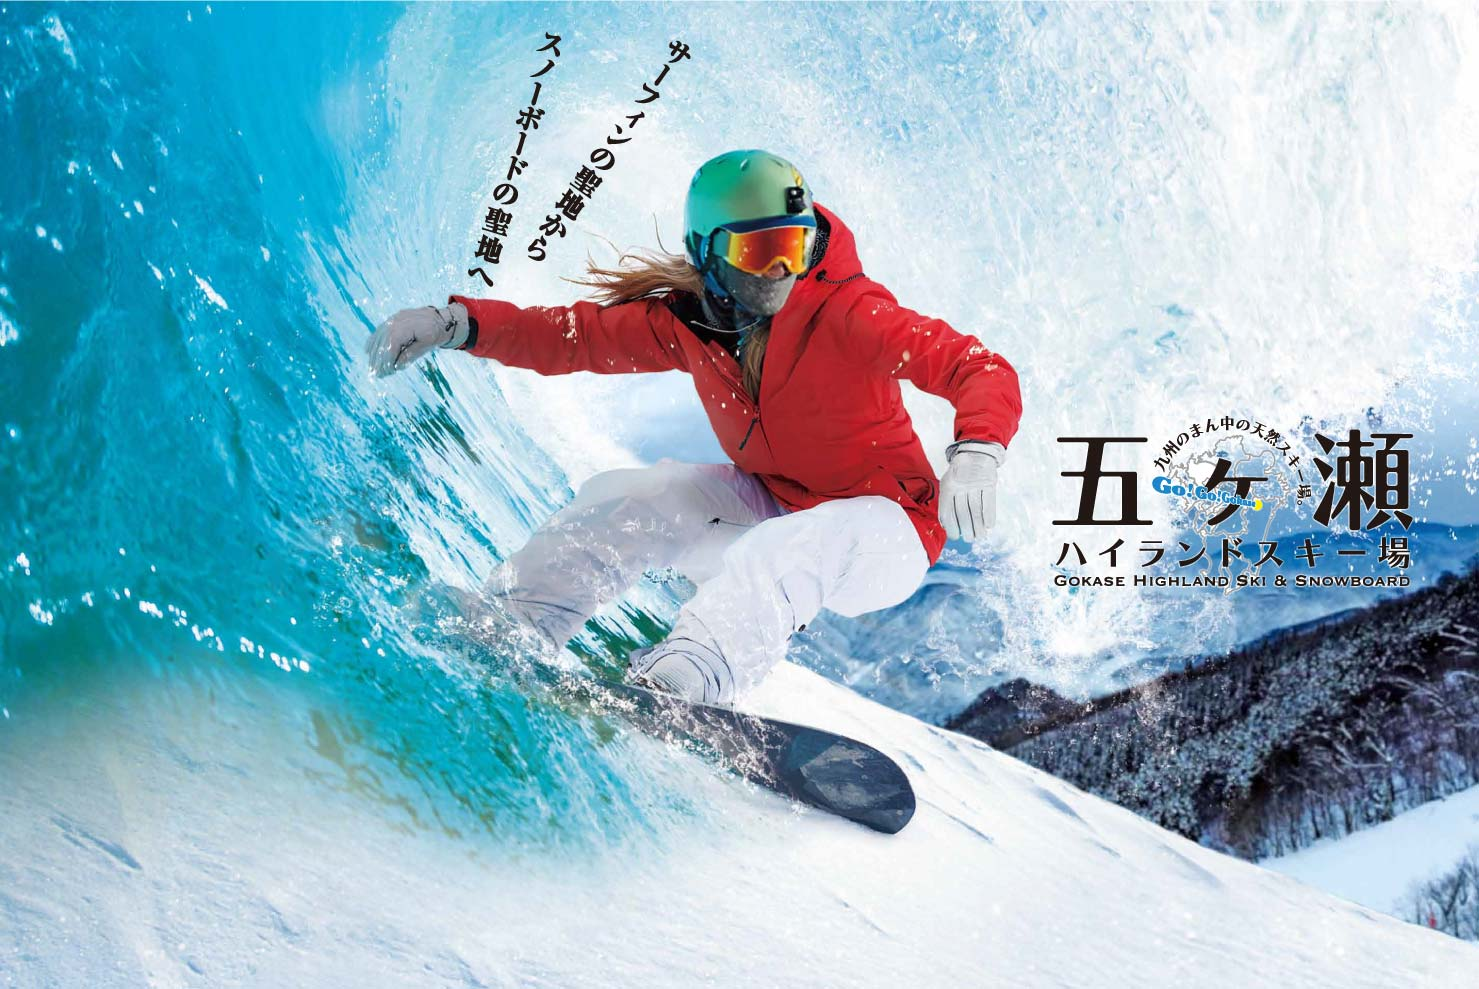 九州のスキー スノーボード